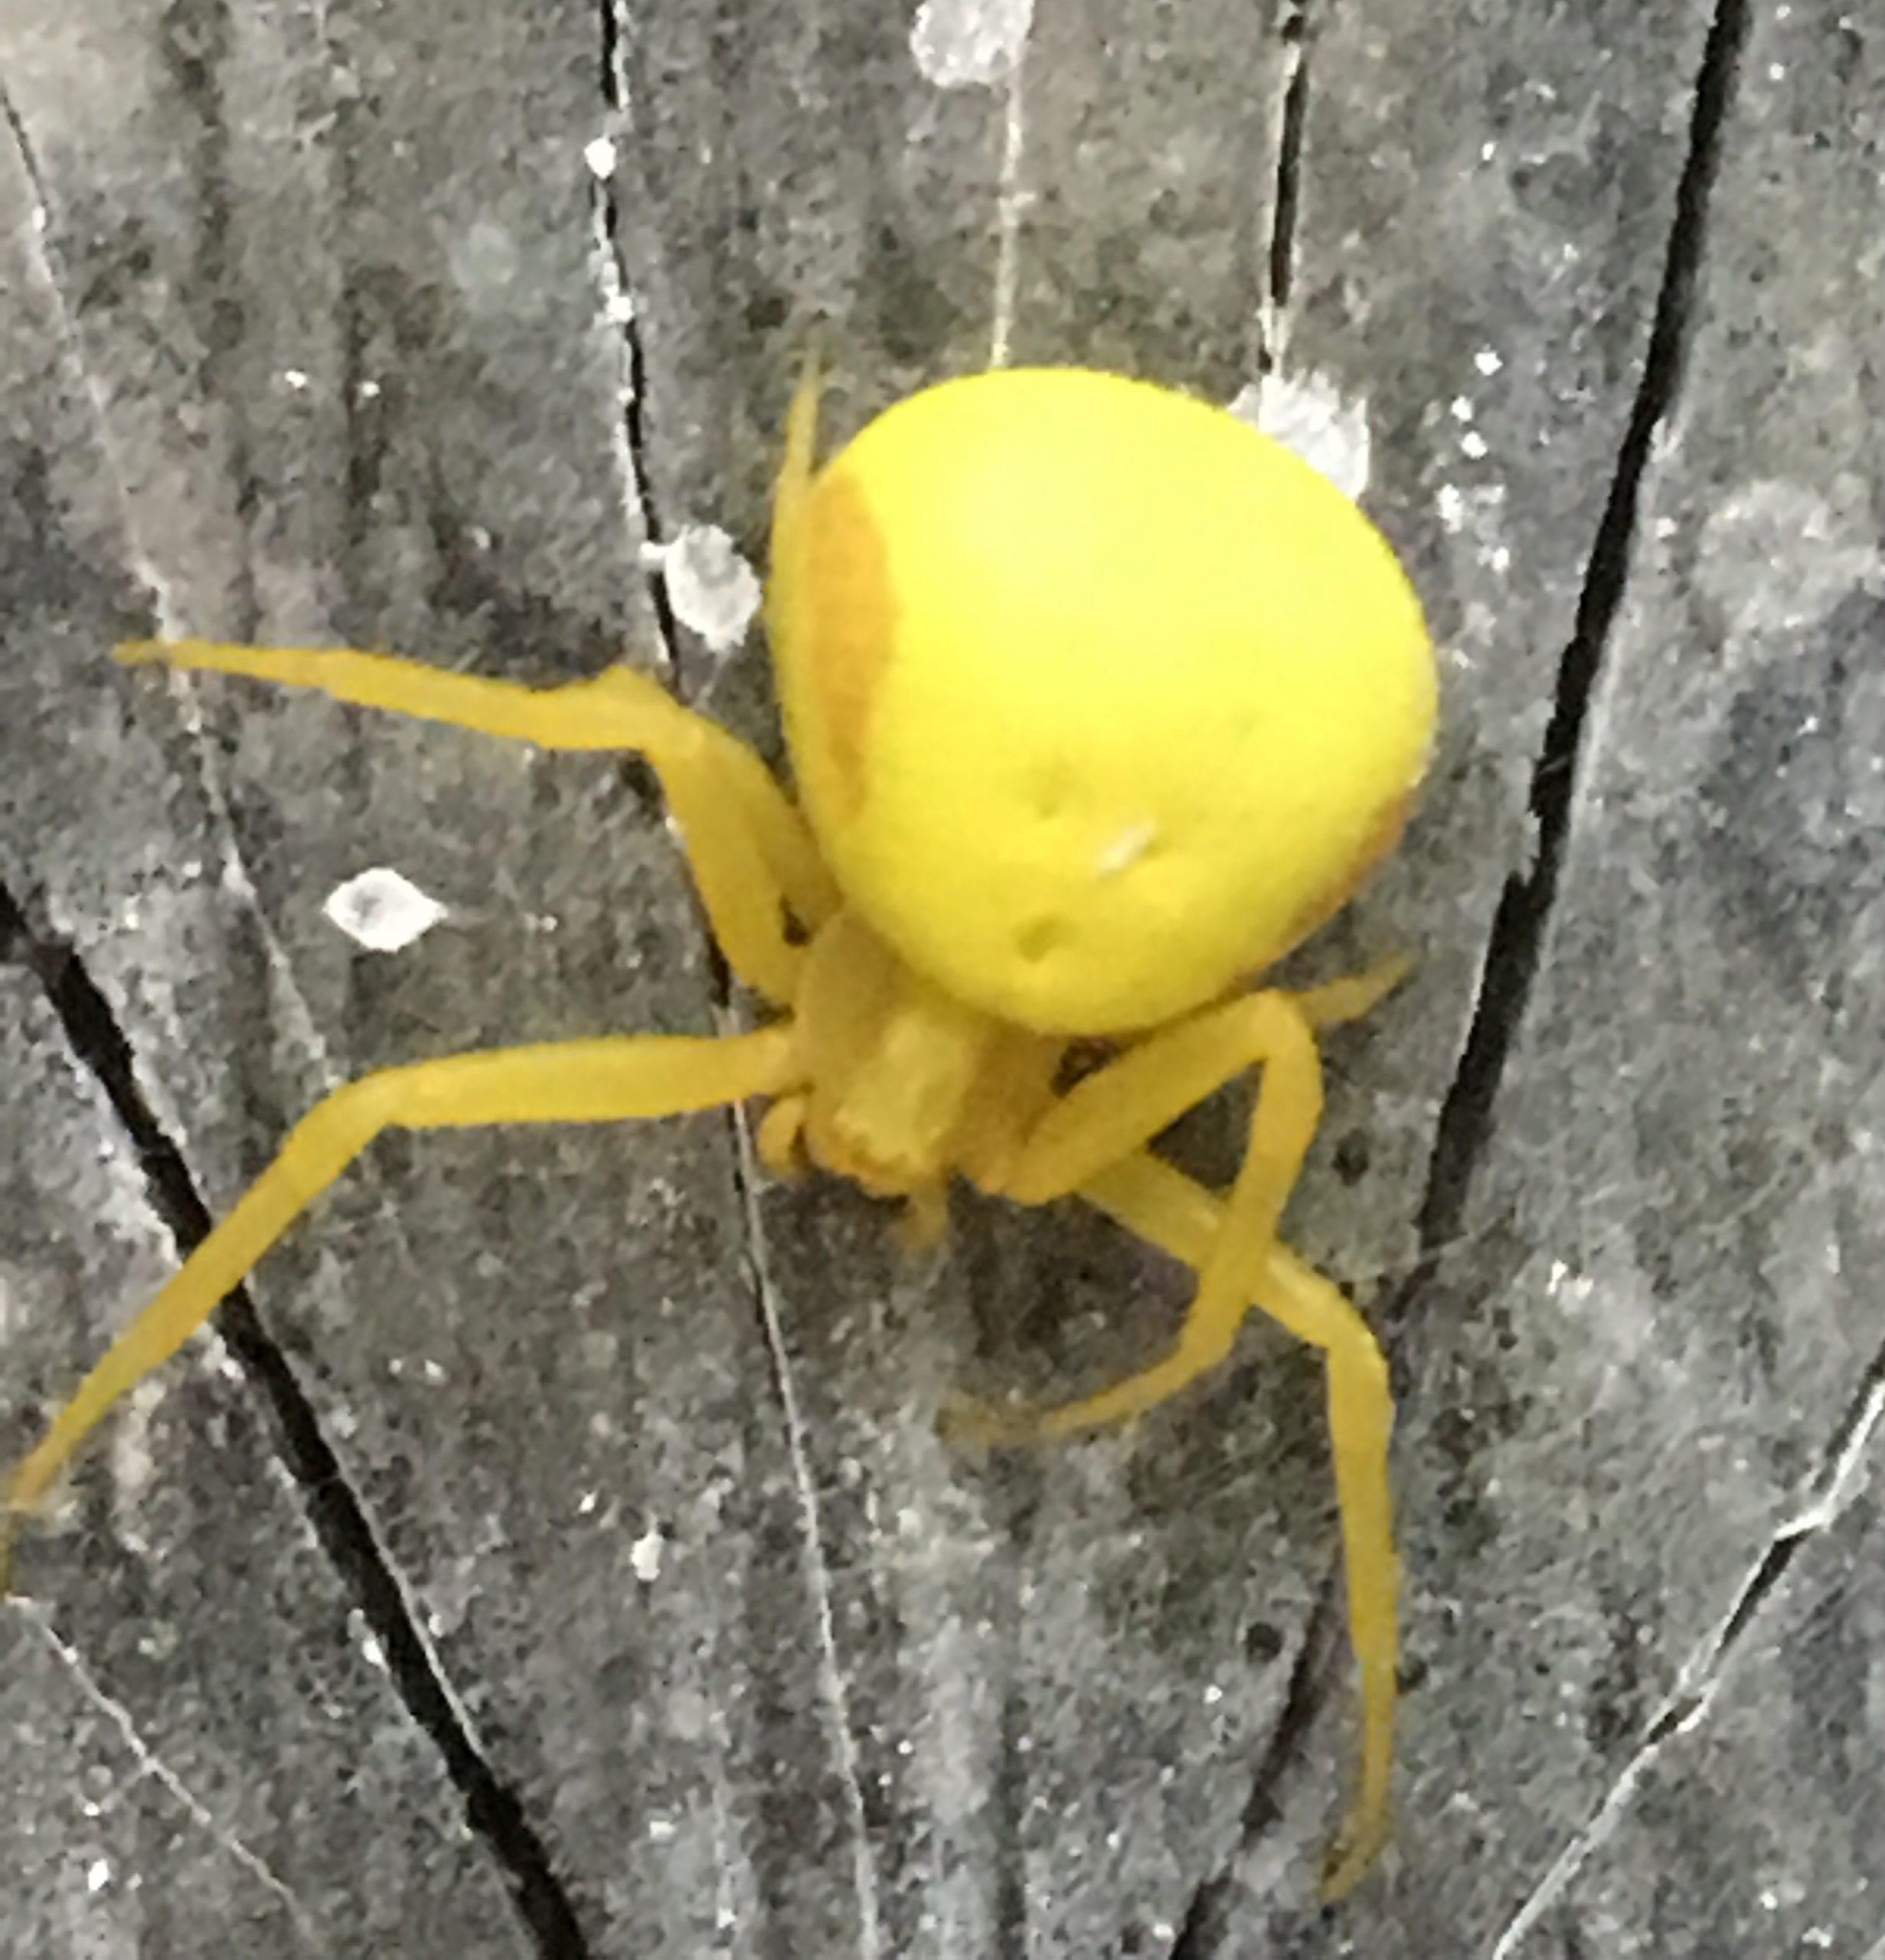 Чем опасен укус паука отшельника? где он обитает и чем питается?